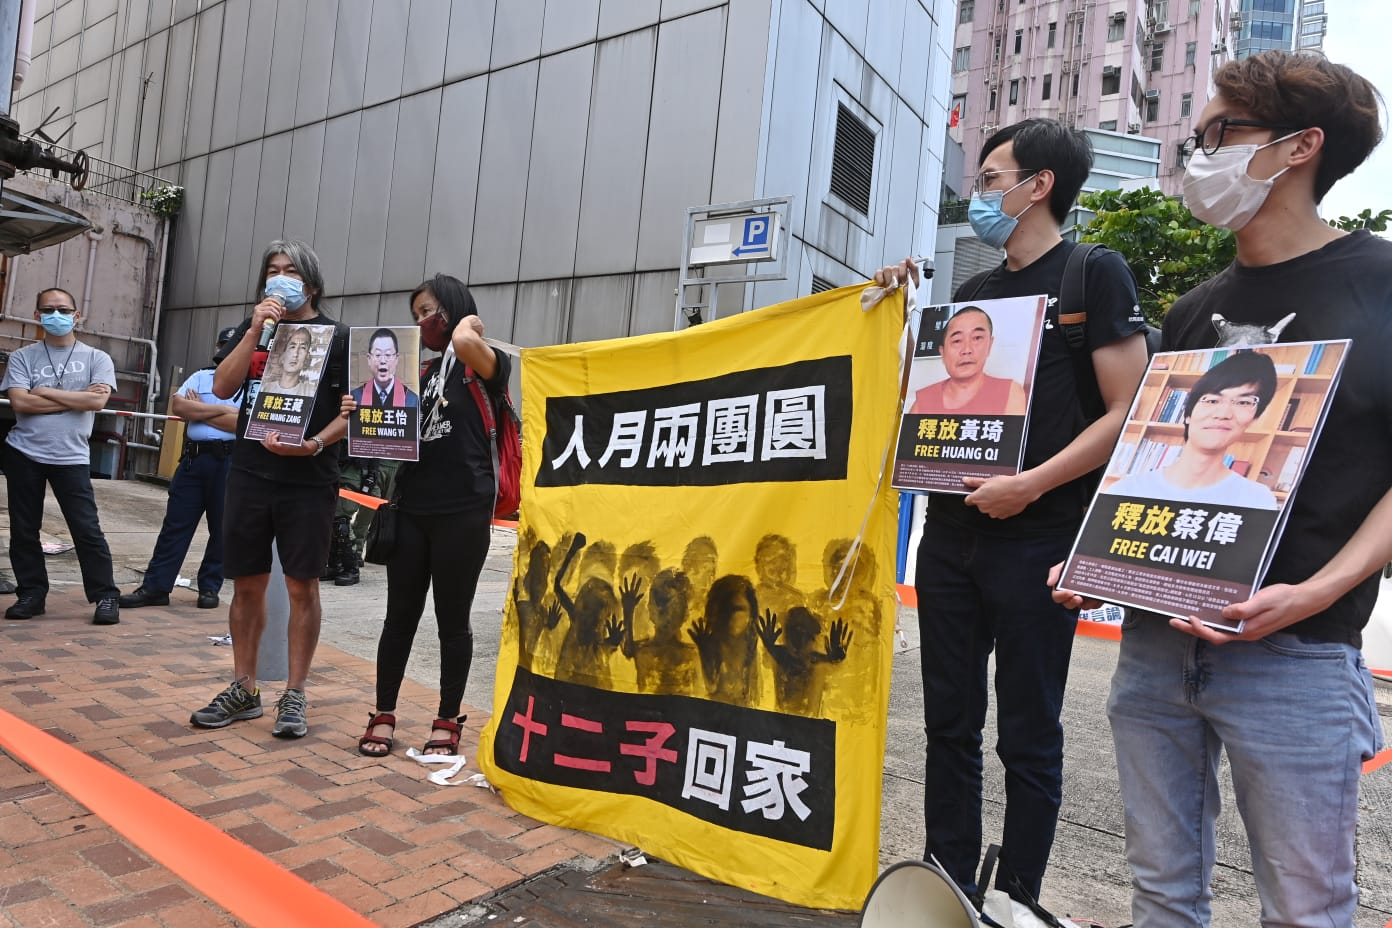 美公佈年度難民接納計劃 首次納入香港人